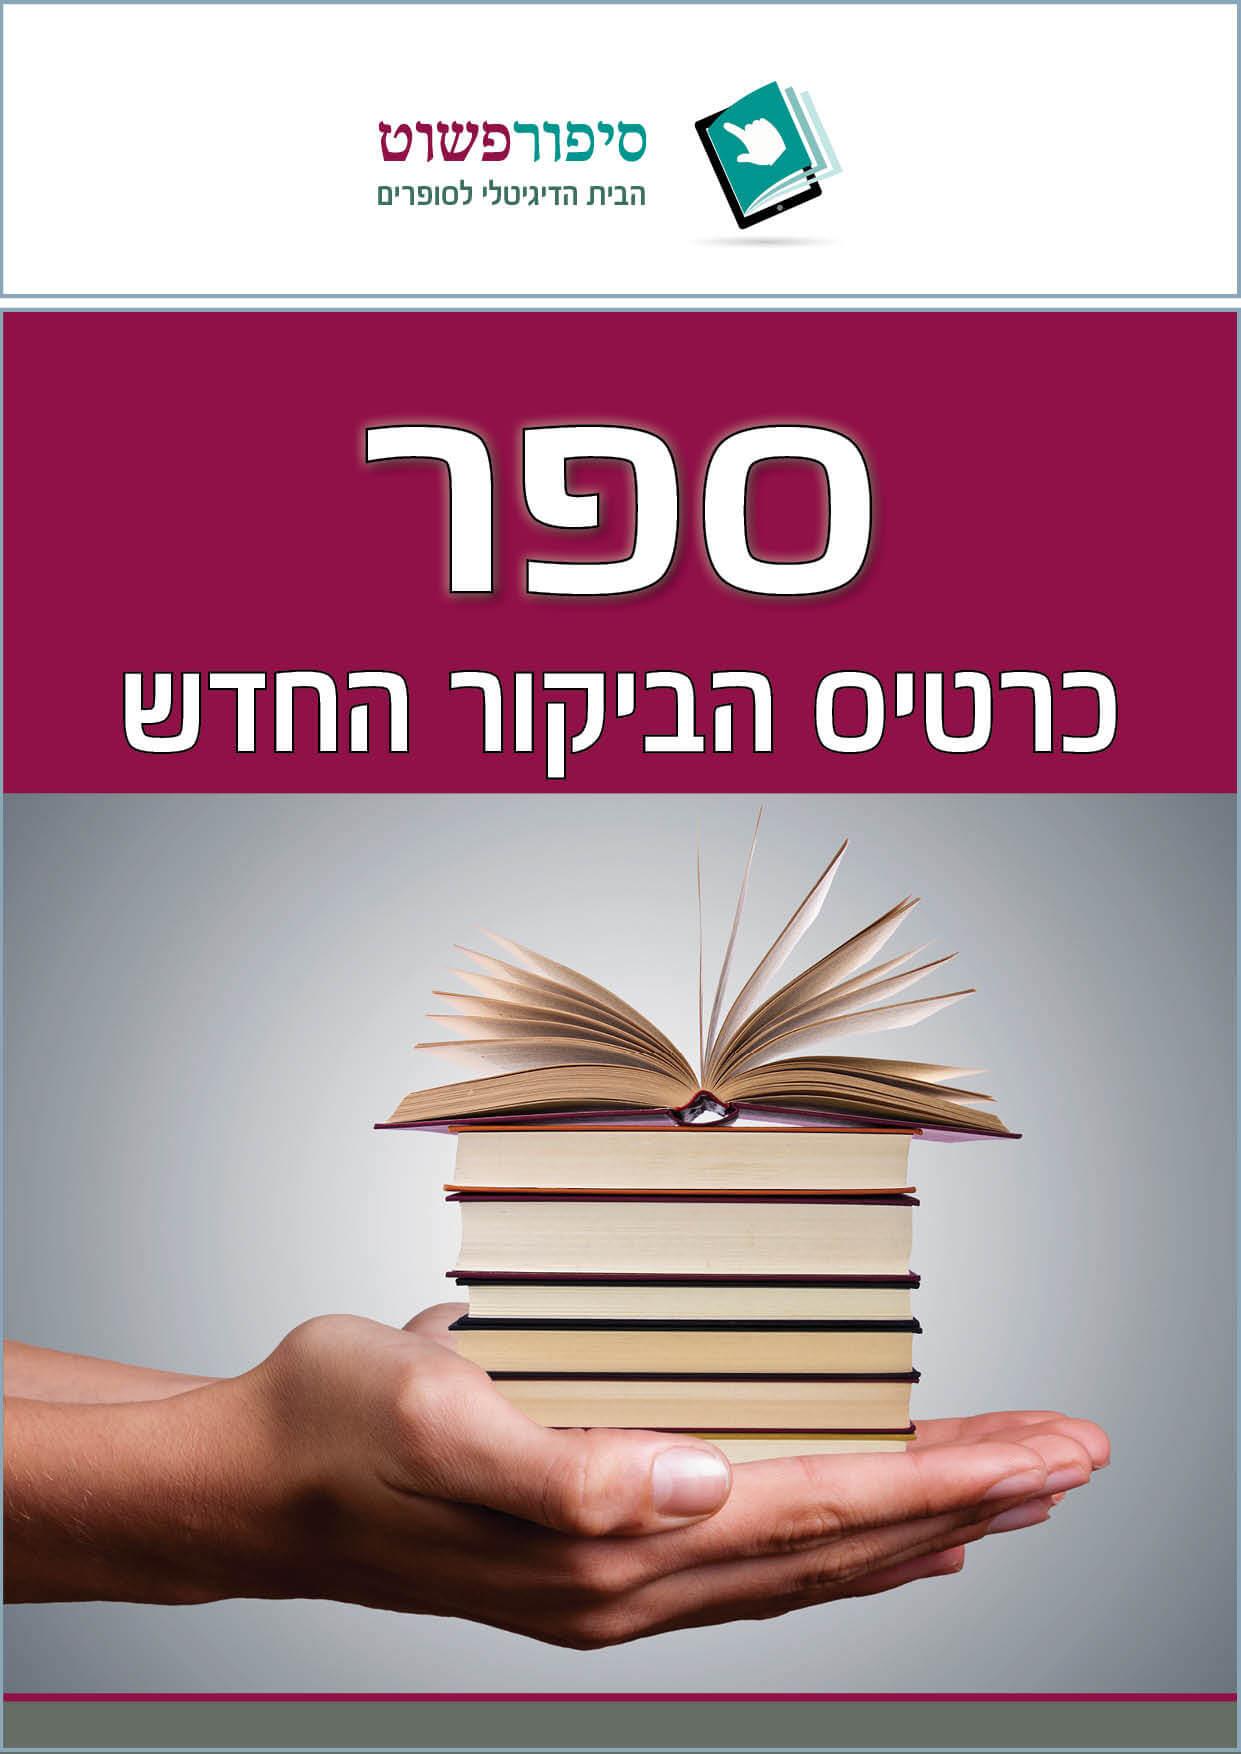 ספר הוא כרטיס הביקור החדש מאת עמית עשת